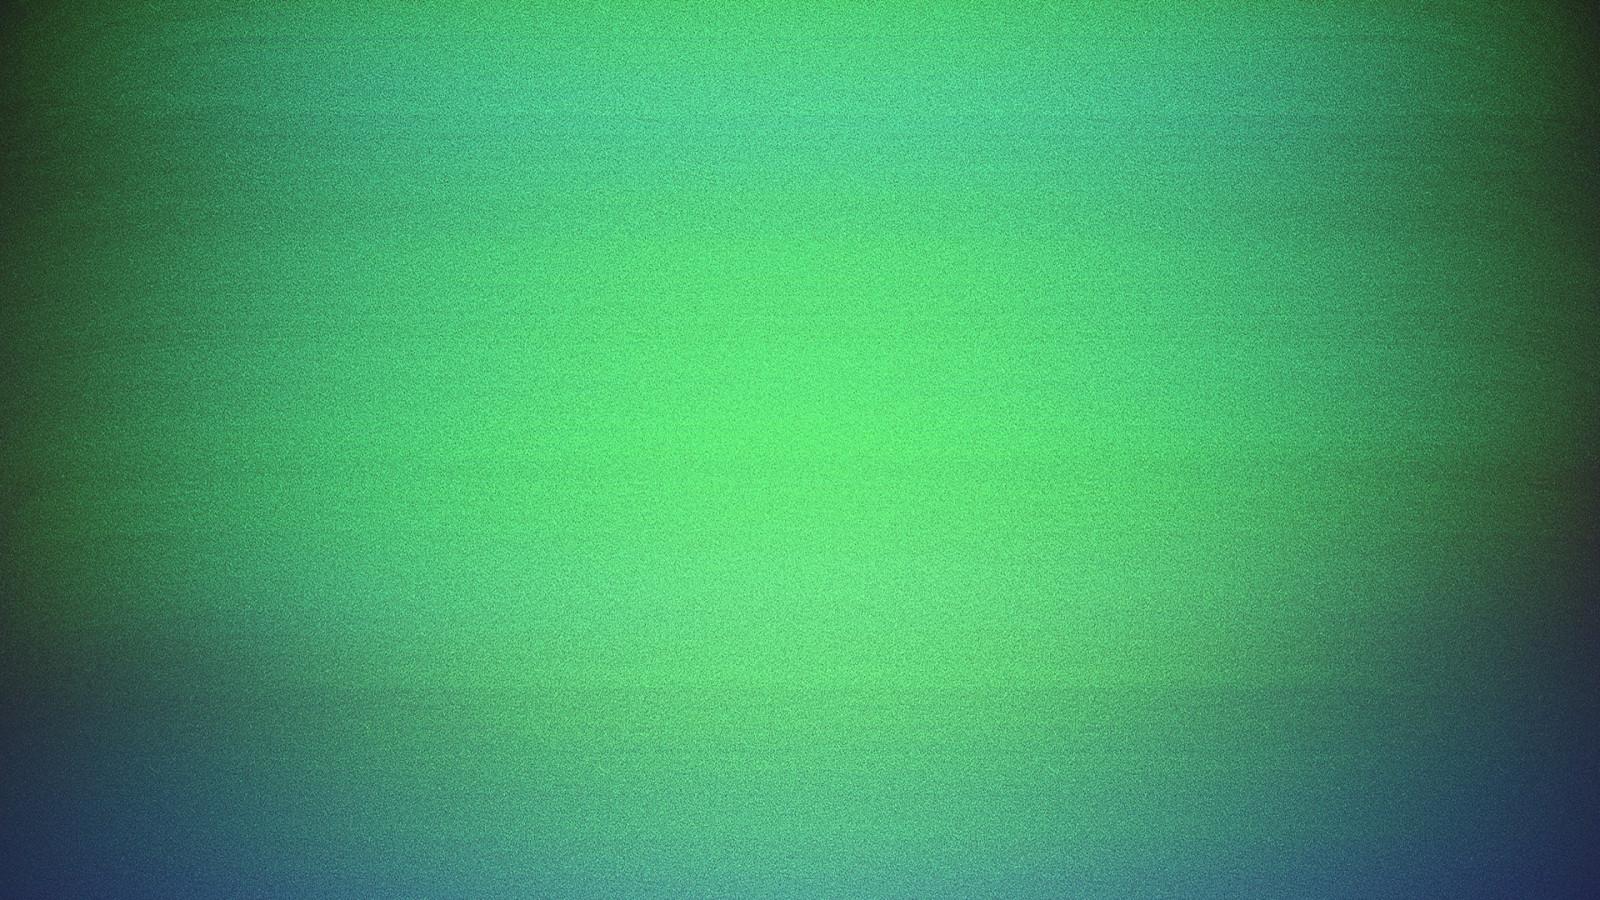 фоновые картинки сине зеленого цвета теплая женская одежда